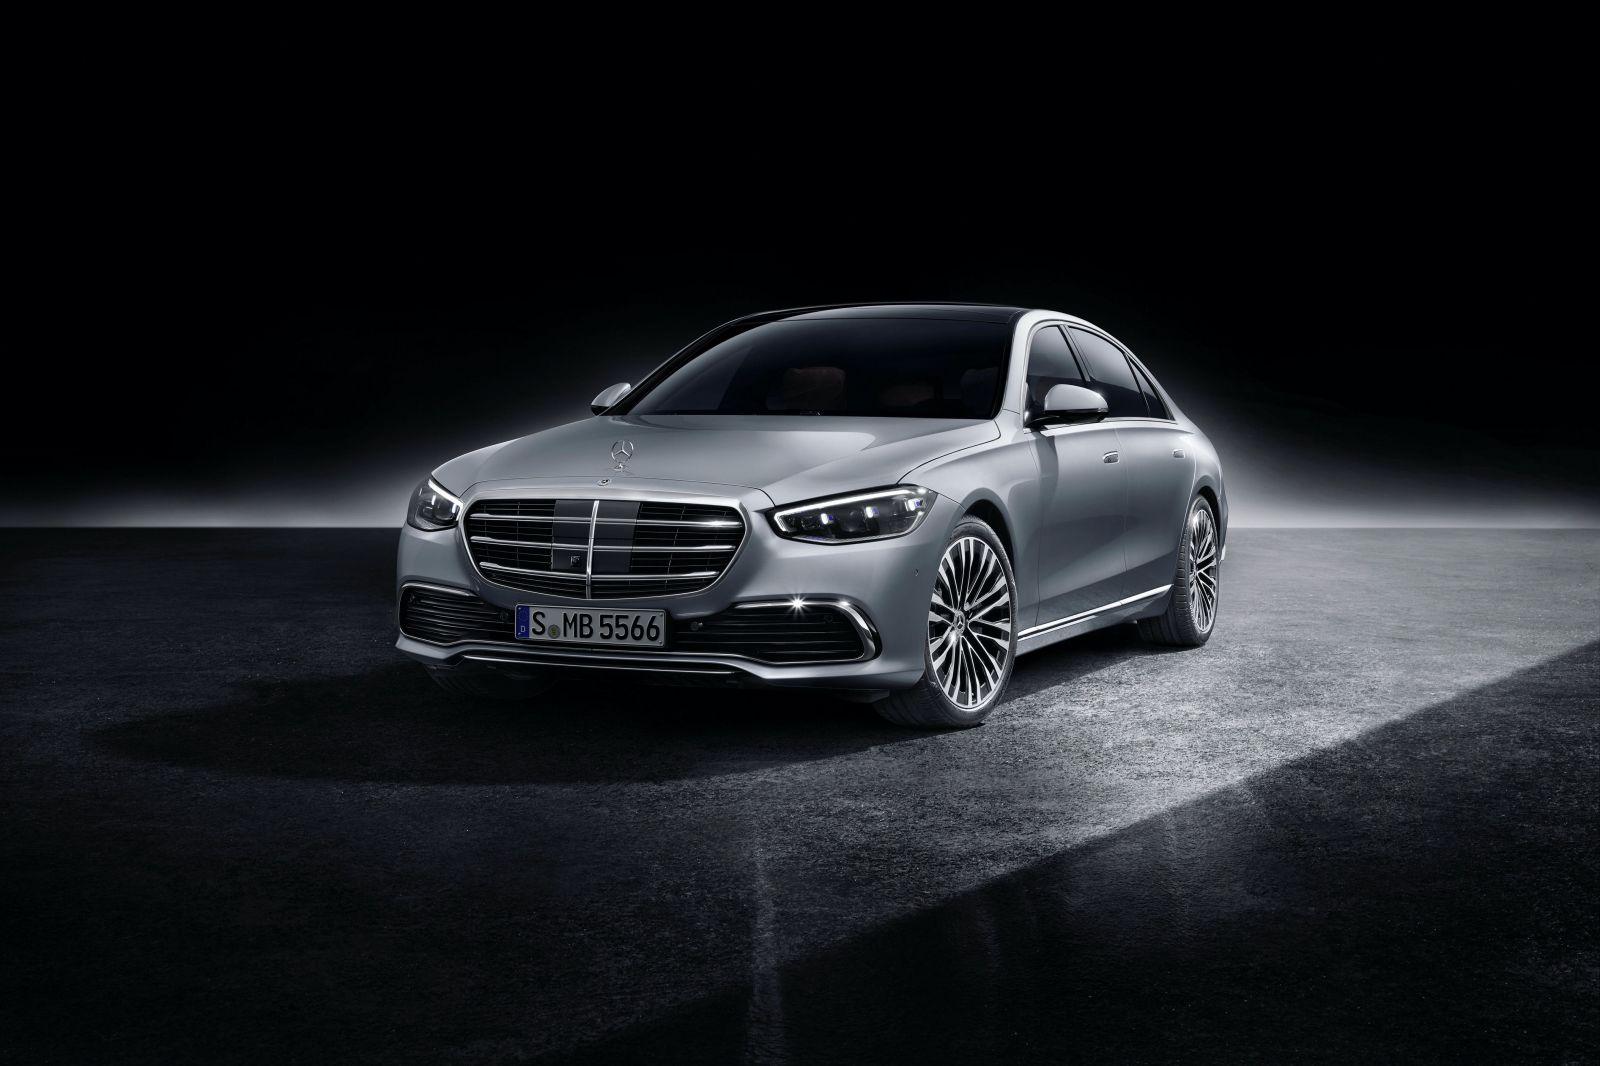 S-kový Mercedes-Benz s plejádou revolučných vychytávok posúva latku opäť vyššie a definuje nové štandardy